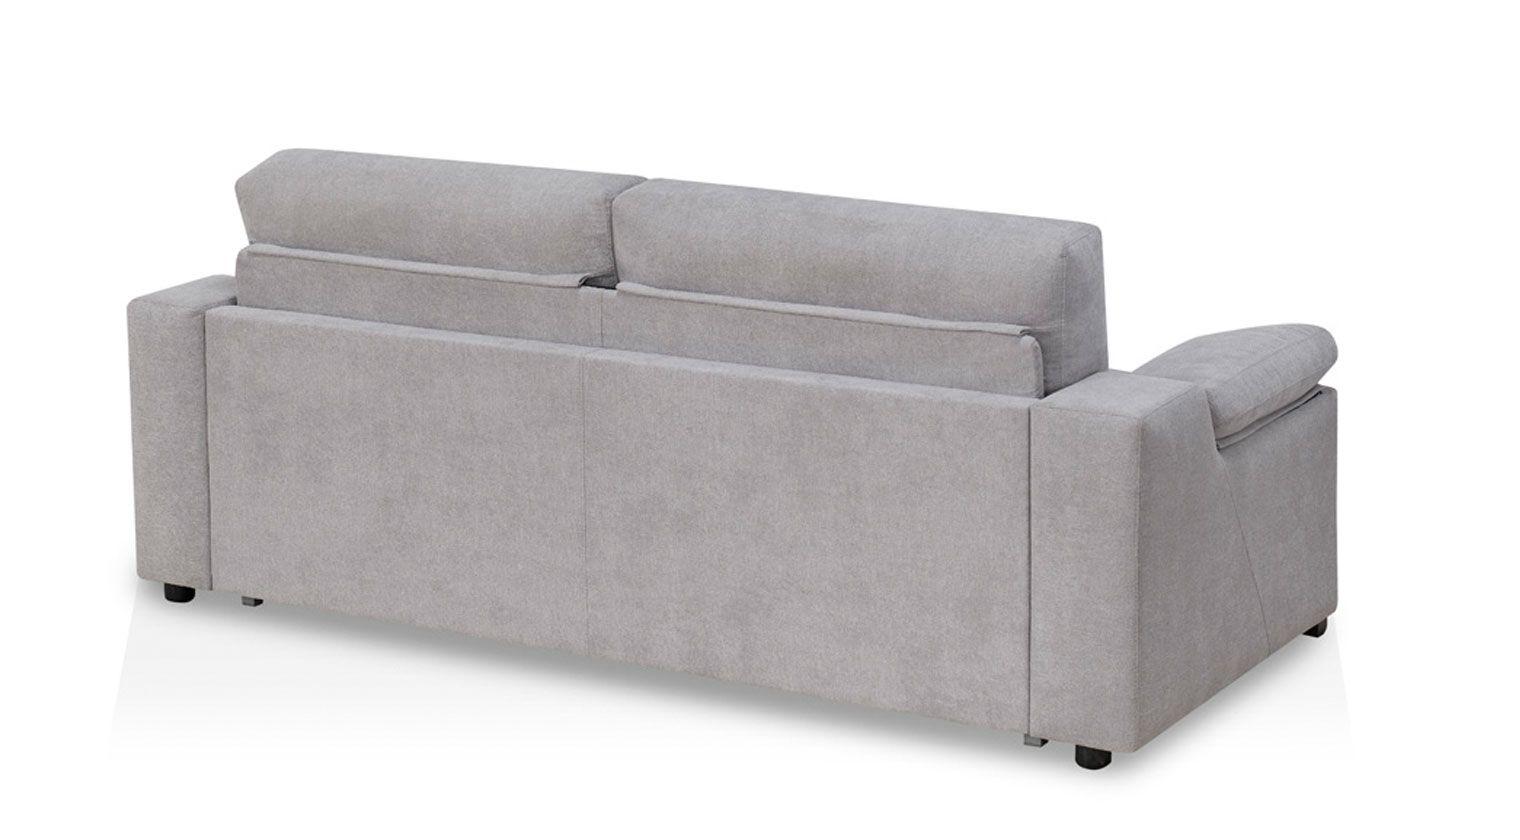 Comprar sof cama diva sofa cama 135 cm aqua - Sofa cama 135 ...